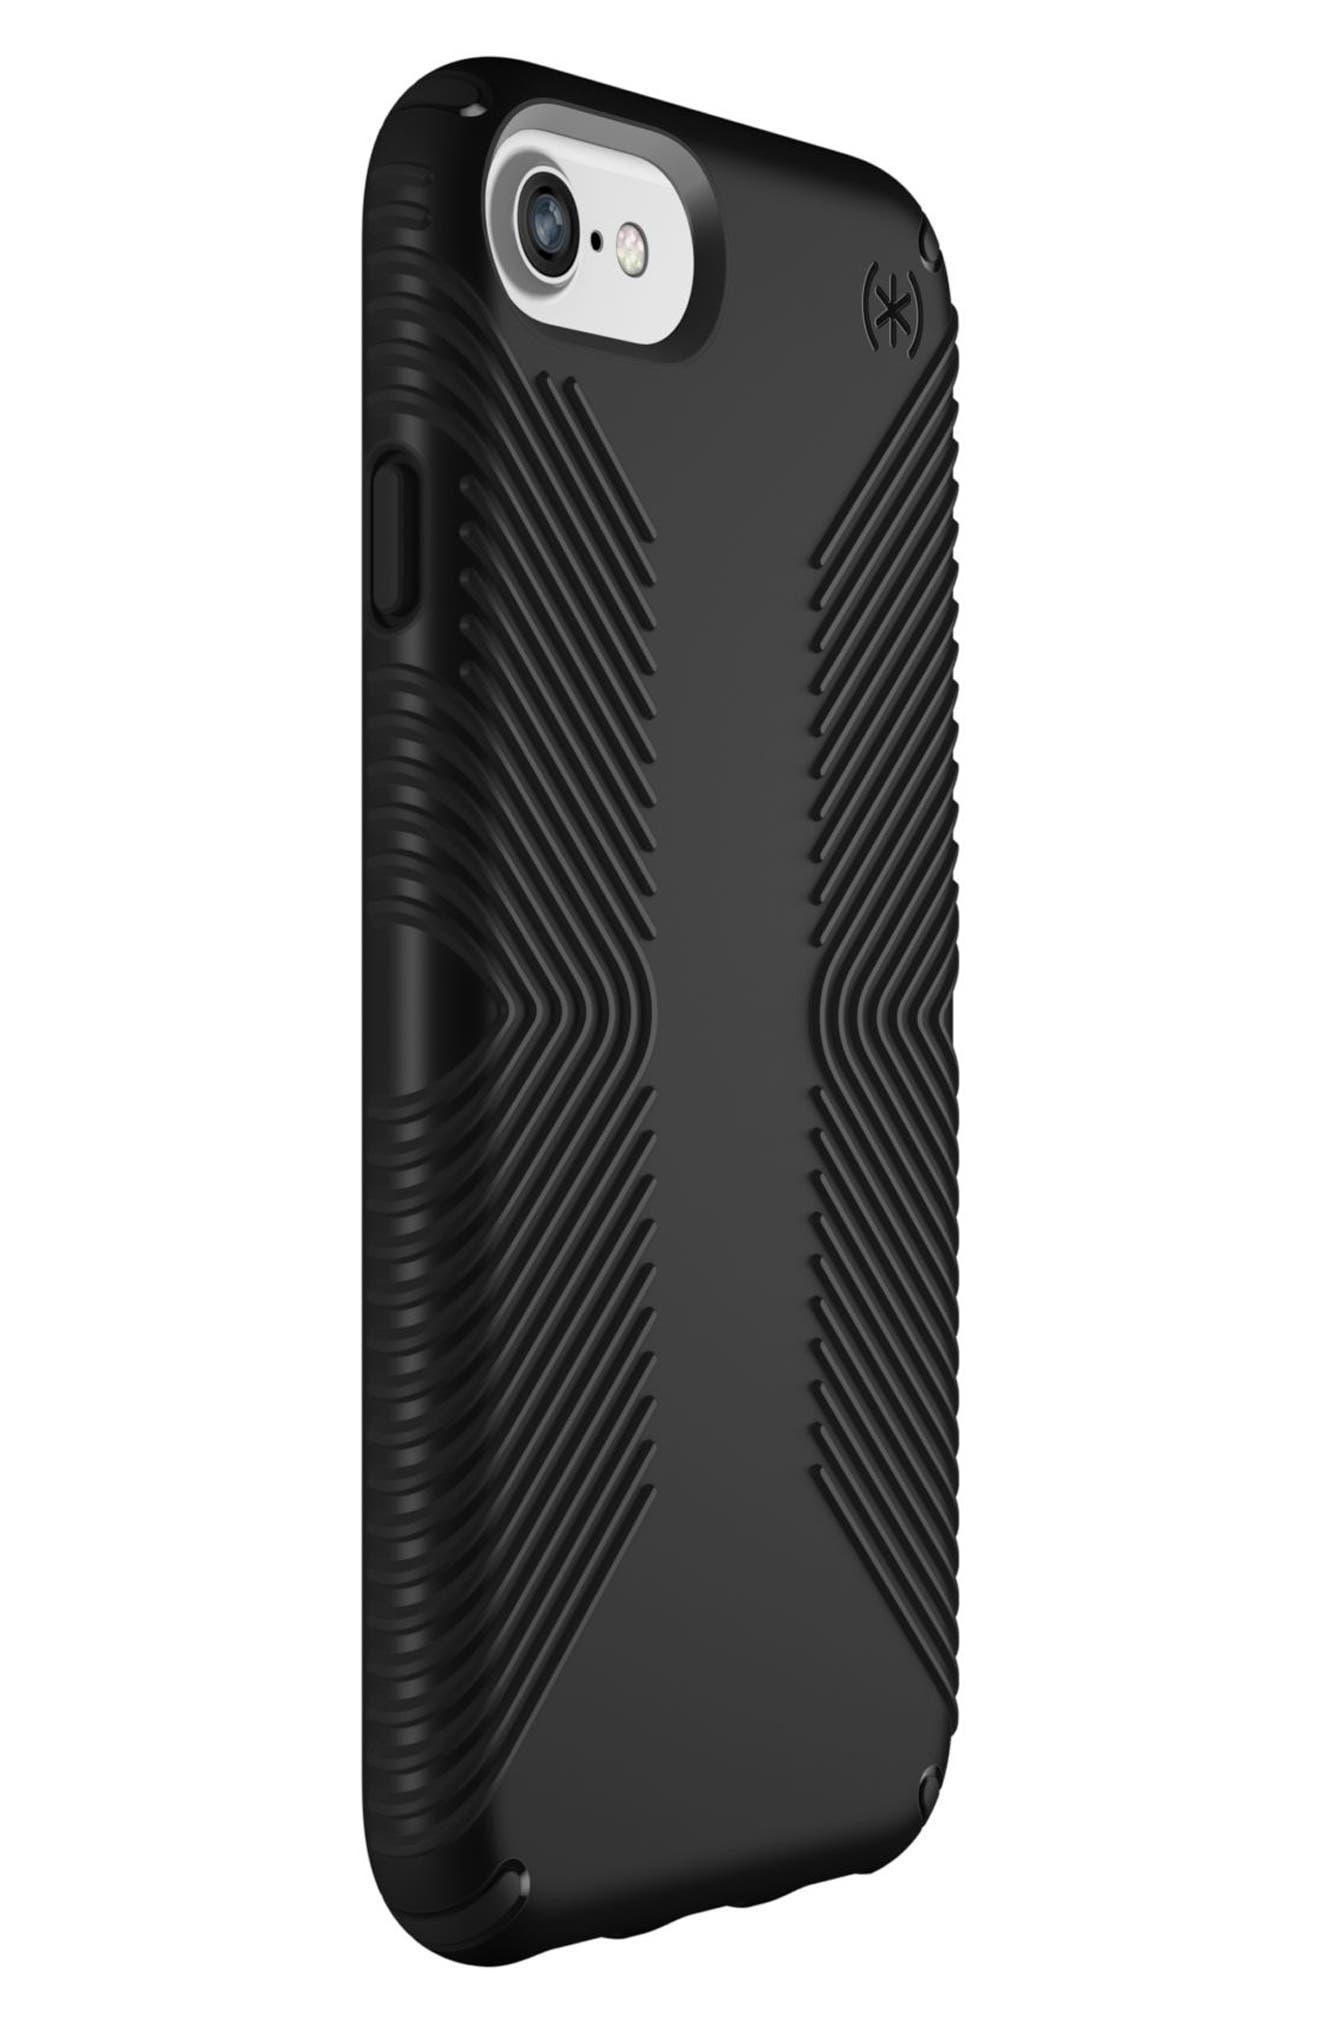 Grip iPhone 6/6s/7/8 Case,                             Alternate thumbnail 8, color,                             BLACK/ BLACK